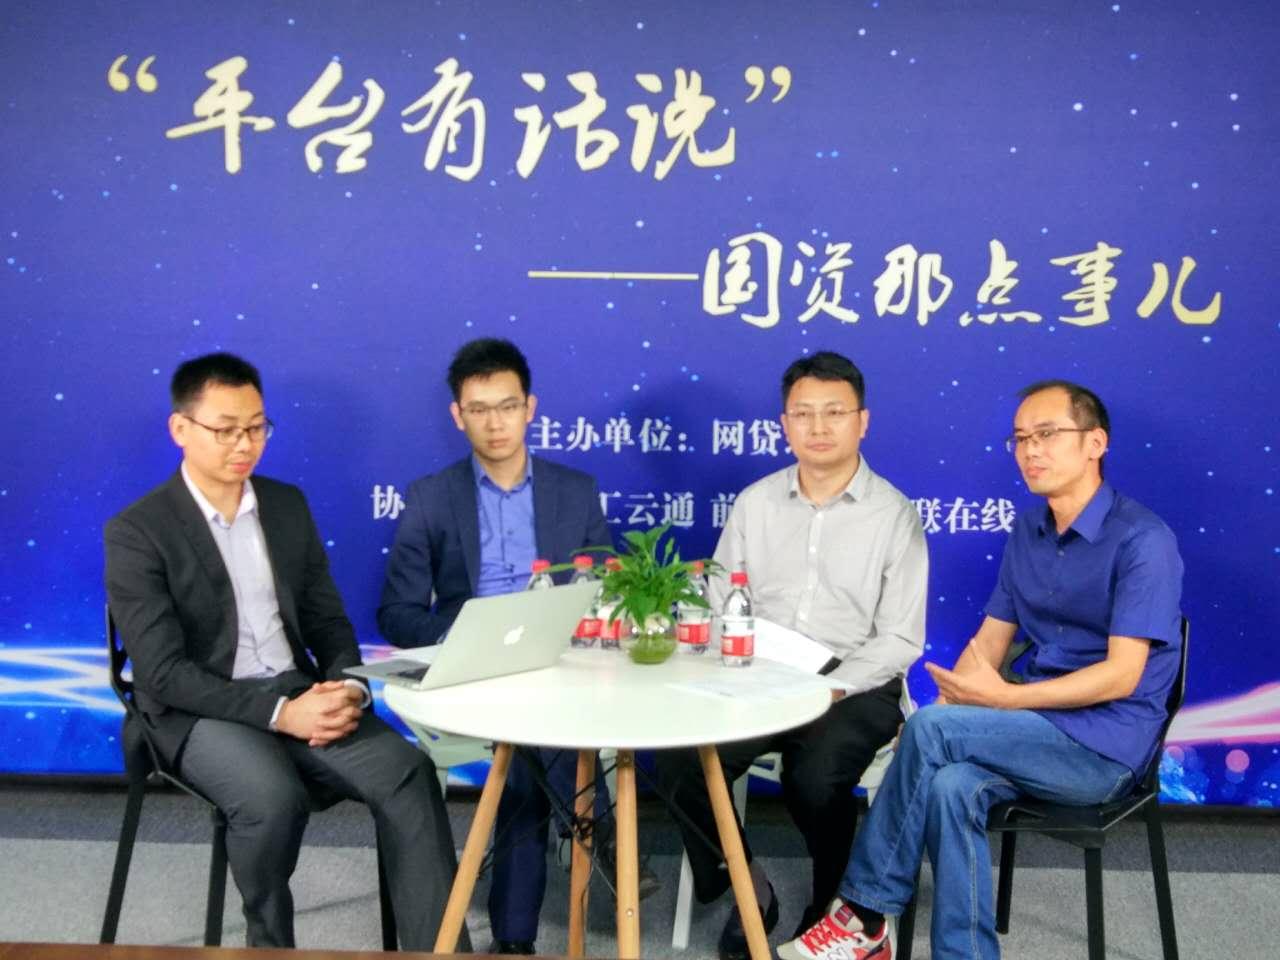 前海惠农总裁吕胜云做客网贷之家直播间 畅聊